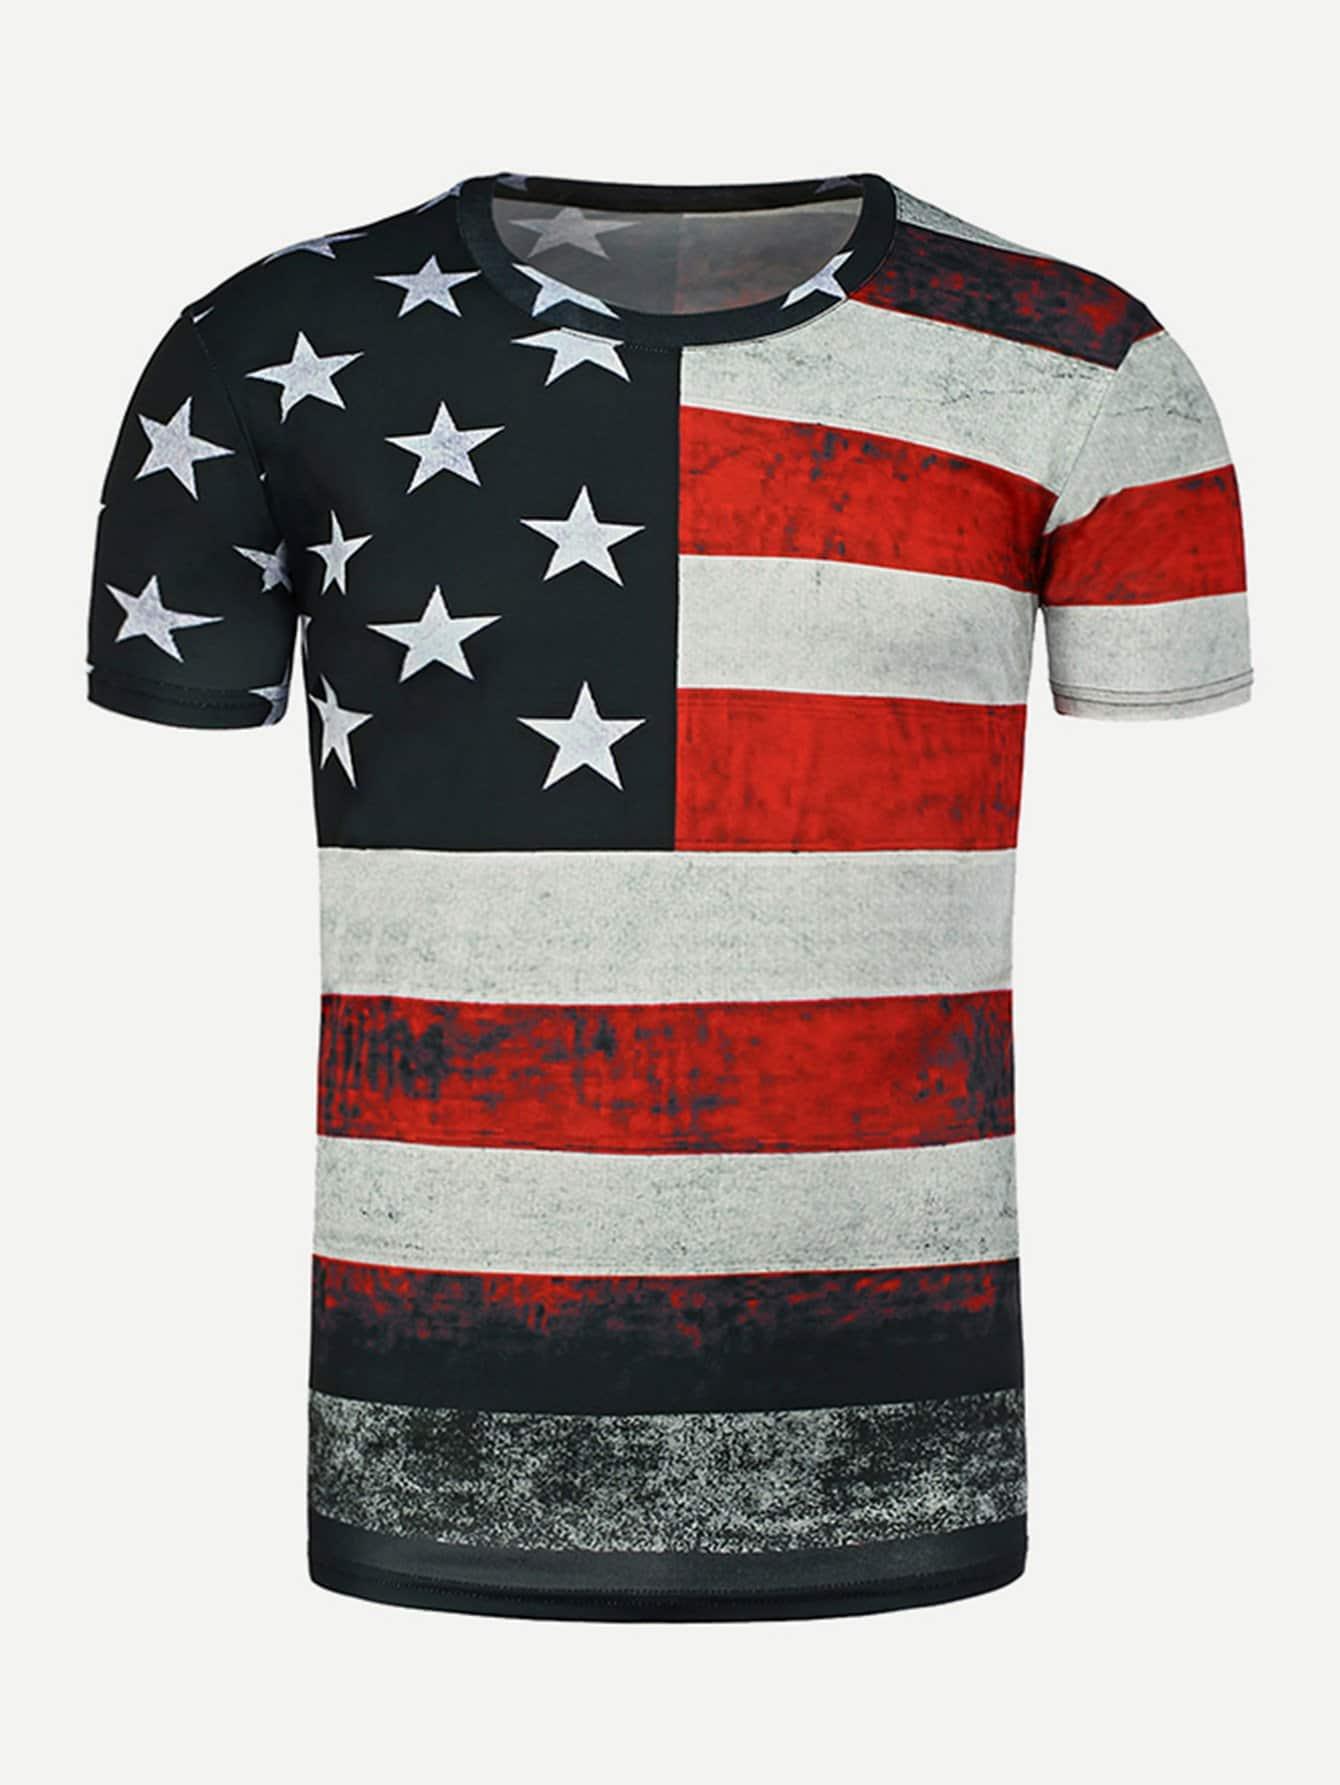 Купить Ржаво-коричневый Мужские футболки, null, SheIn